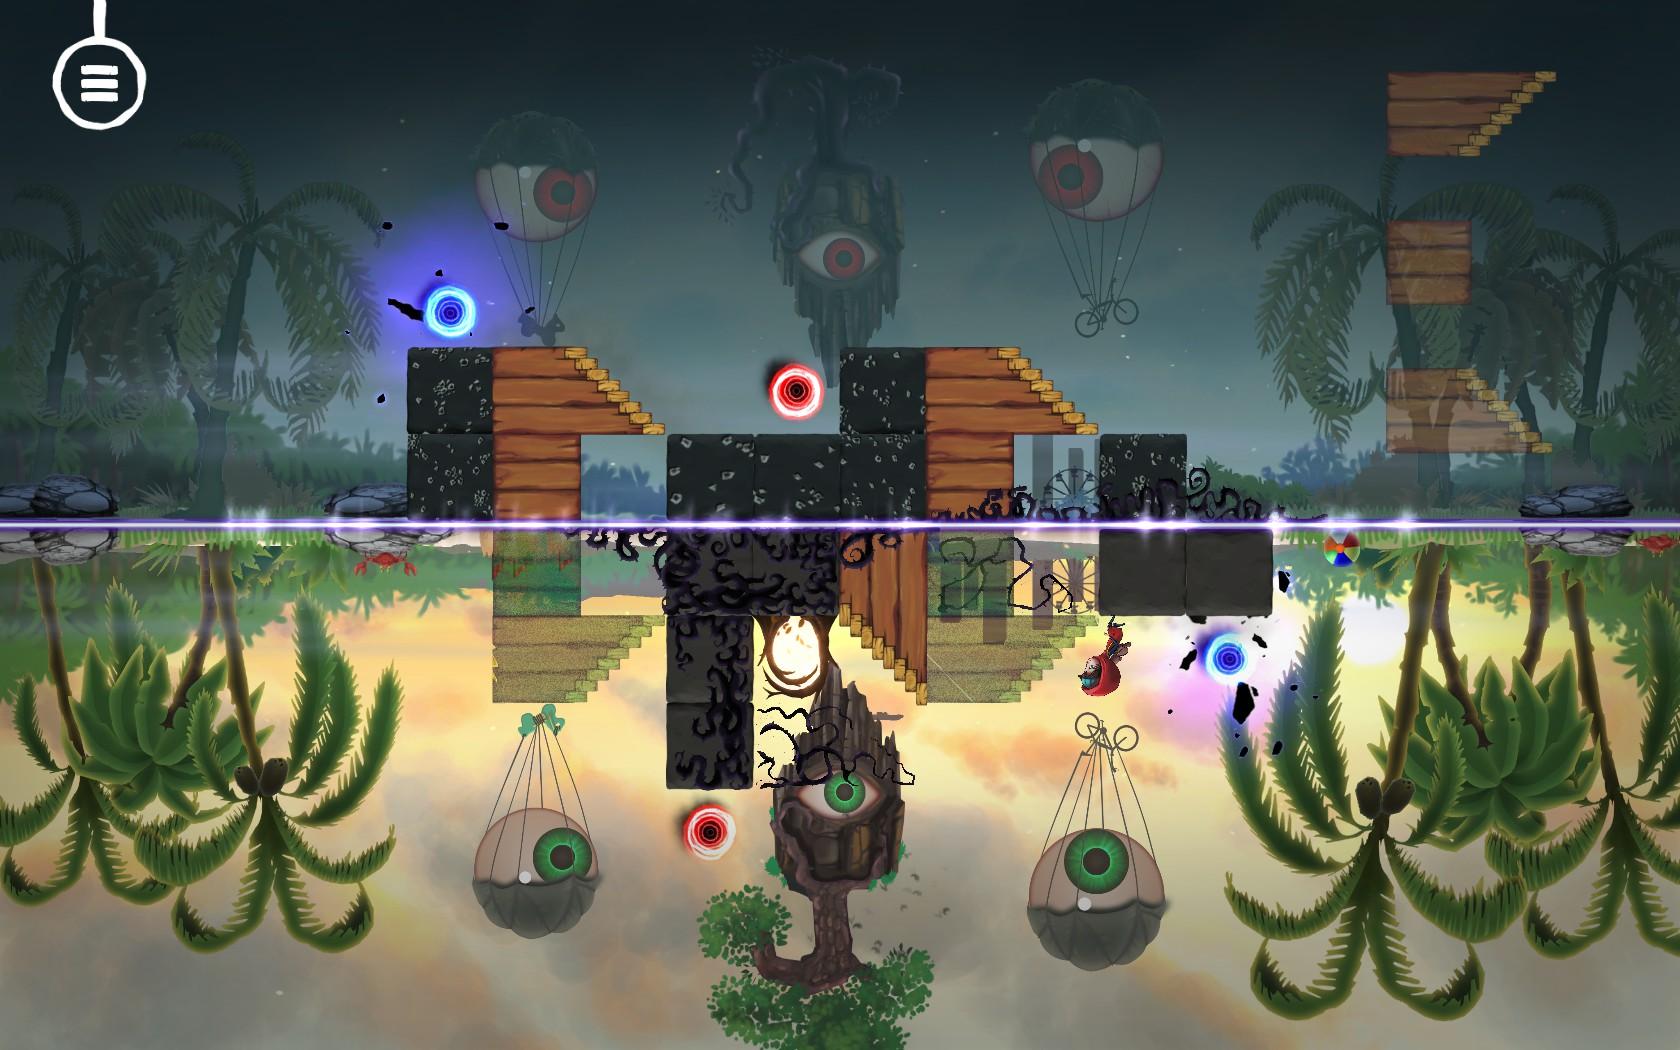 Imagem do jogo de puzzle plataforma Samsara. A imagem mostra uma paisagem refletida de forma incompleta em um lago com blocos e portais espalhados pelo cenário.